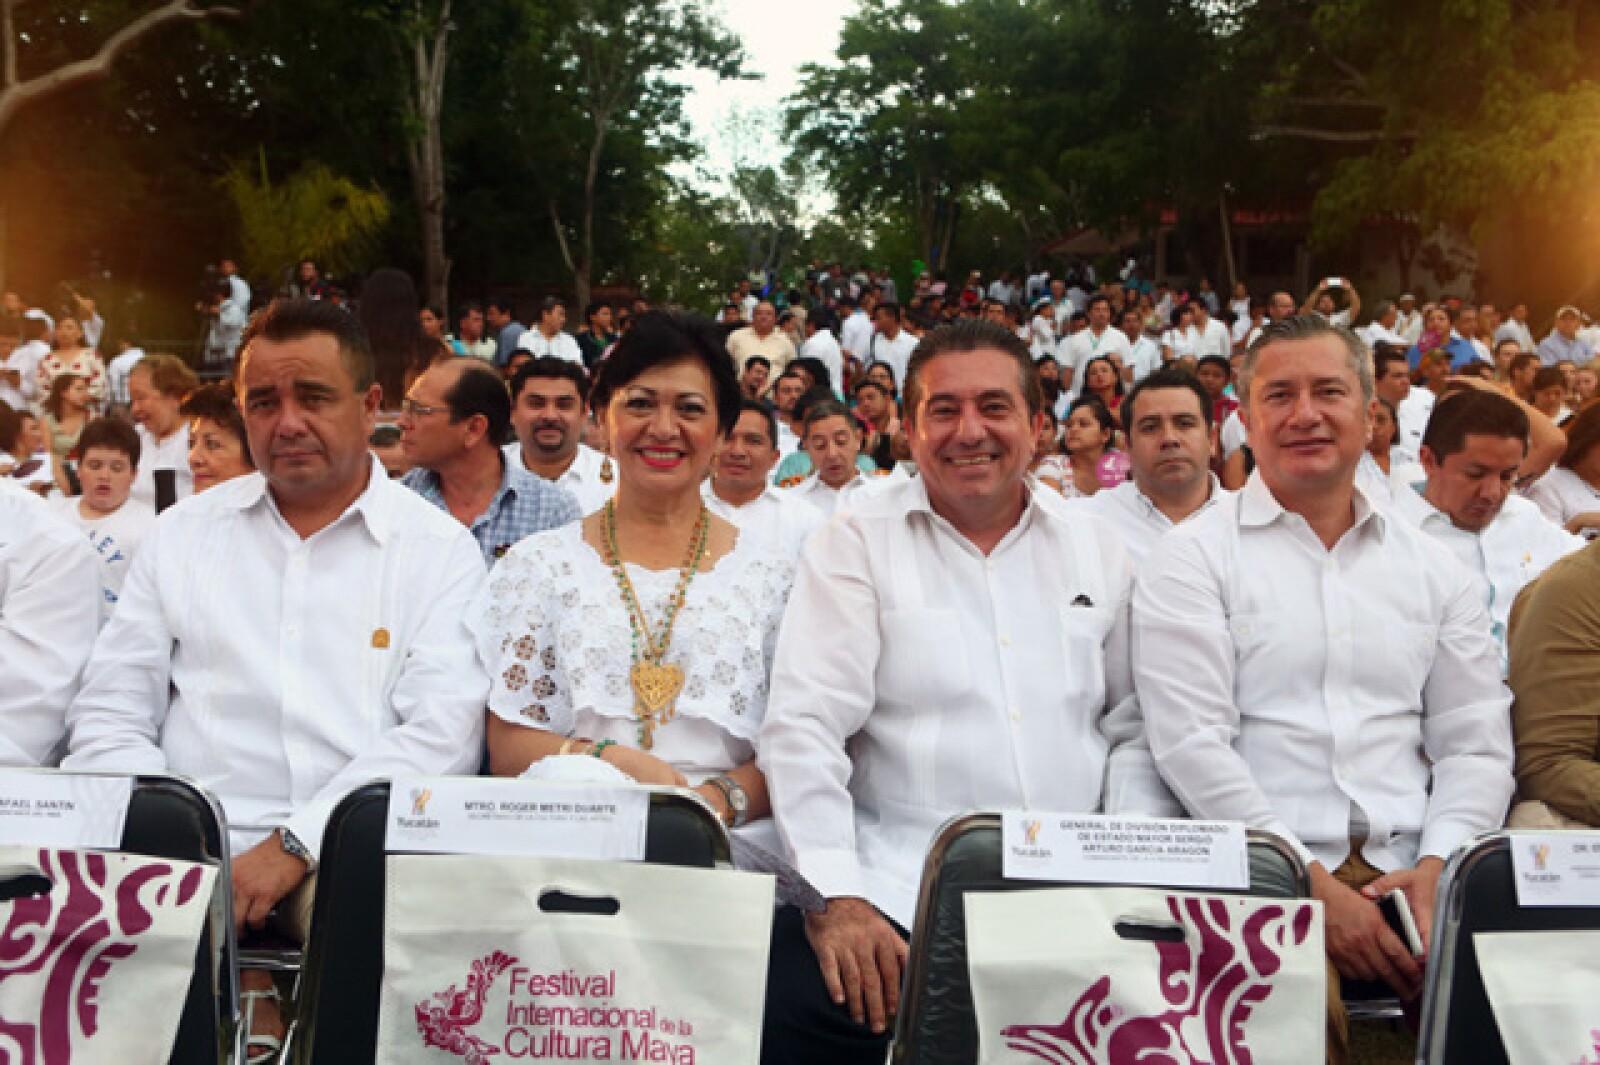 Gilbert Buenfil, Verónica Moguel,Gonzalo Escalante y Ernesto Martínez Ordaz